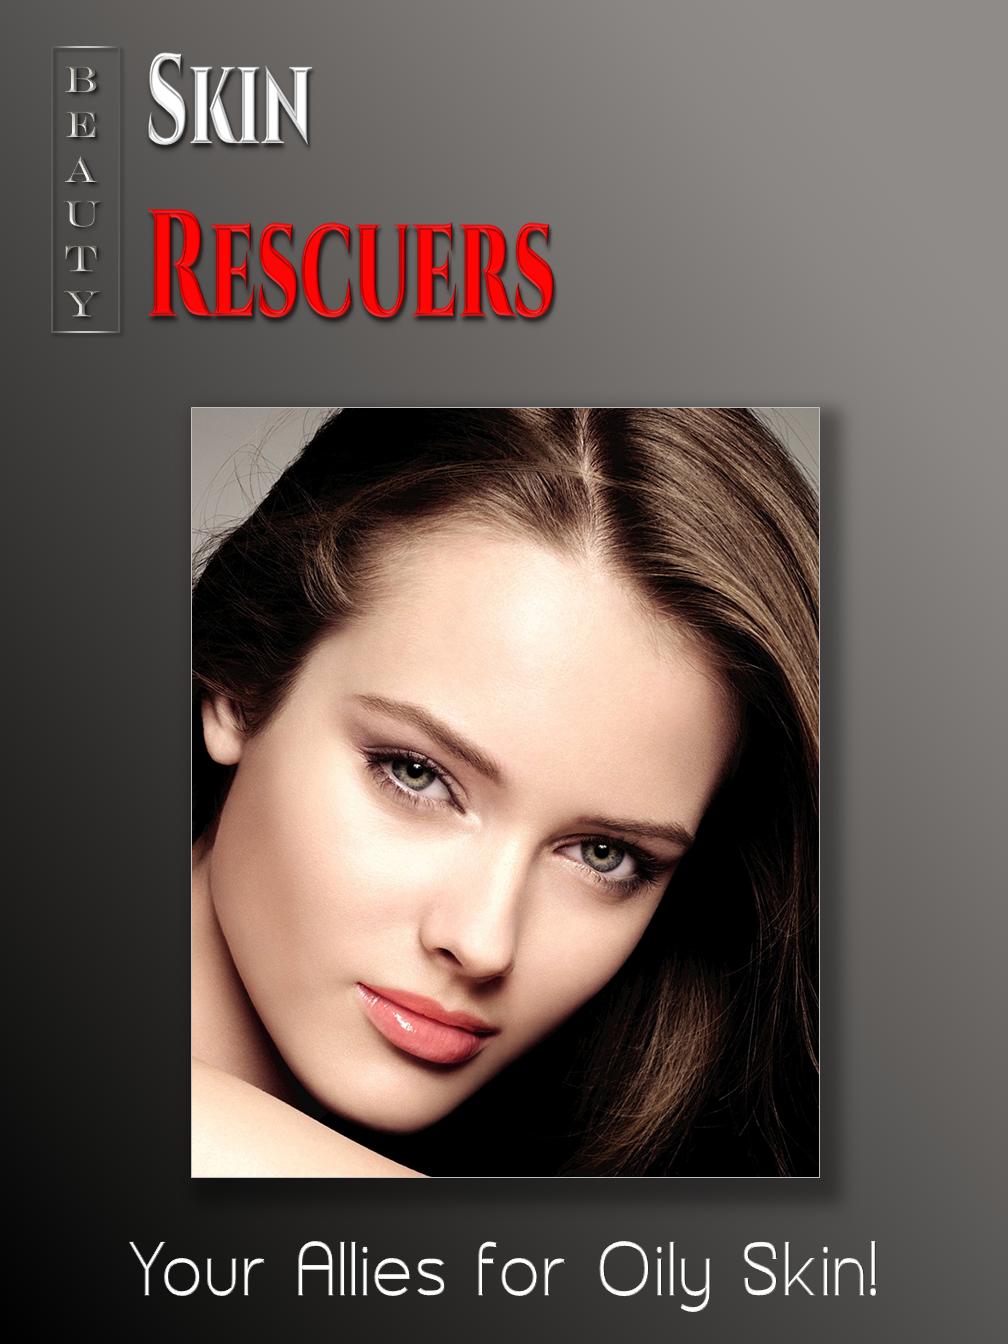 Skin Rescuers